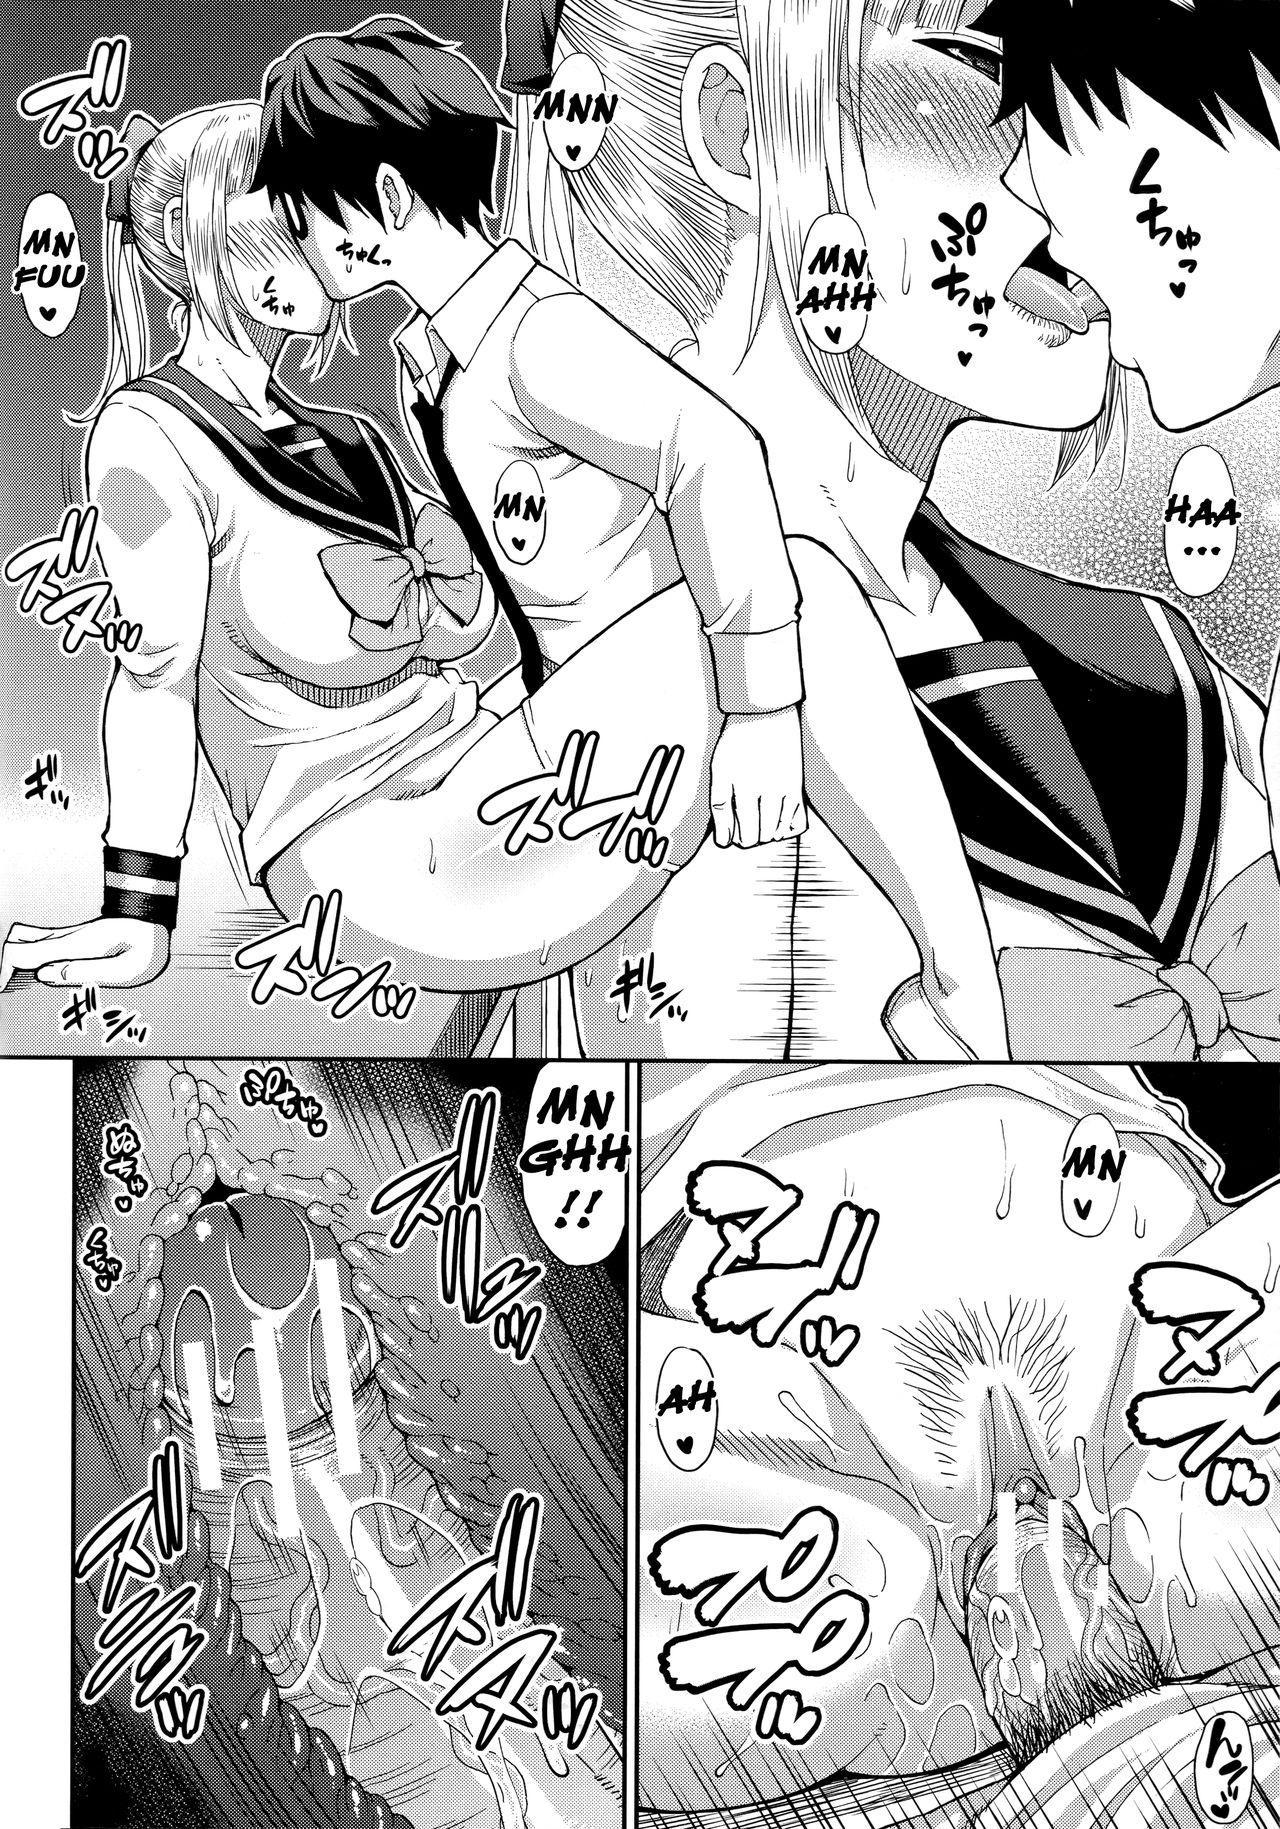 [Shunjou Shuusuke] Onegai, Sukoshi Yasumasete... ~Karada Torokeru Sex no Ato ni~ Ch. 2, 4 [English] [Raknnkarscans] 68